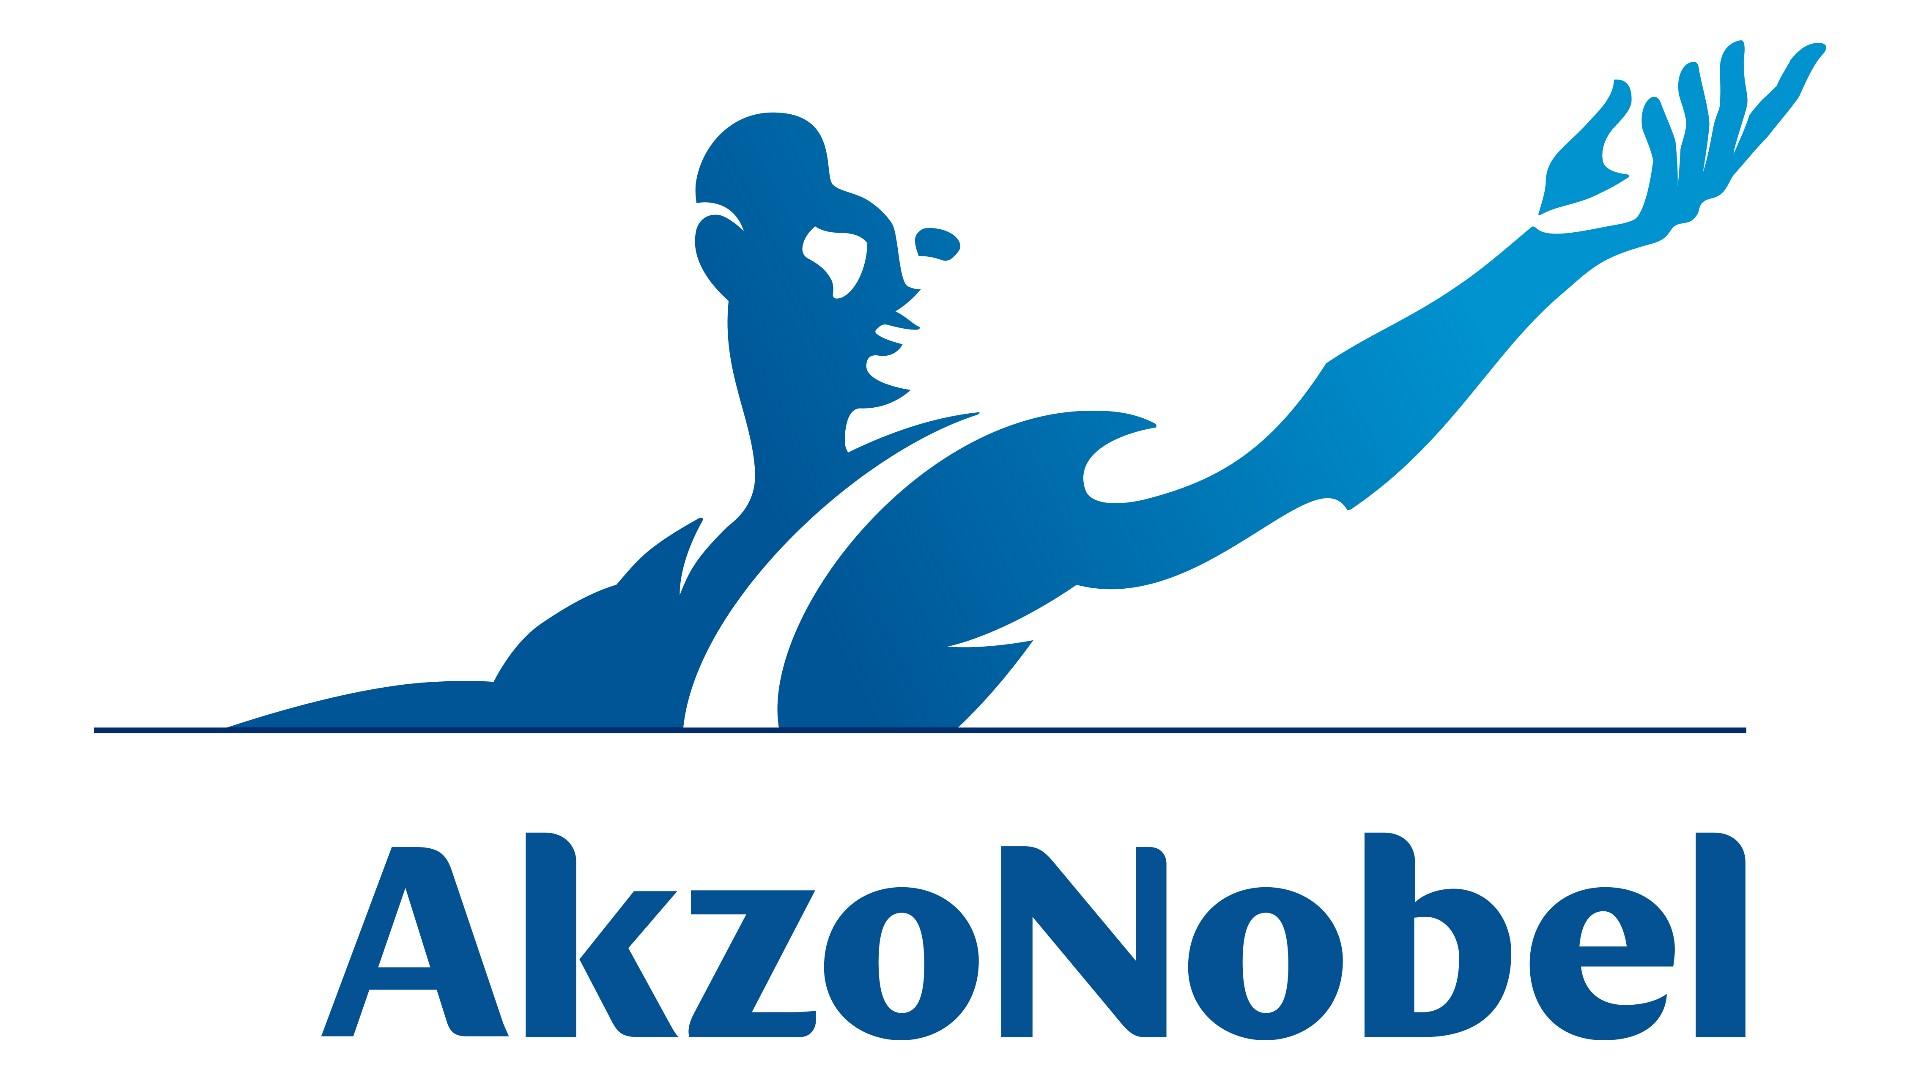 Akzonobel (1) logo